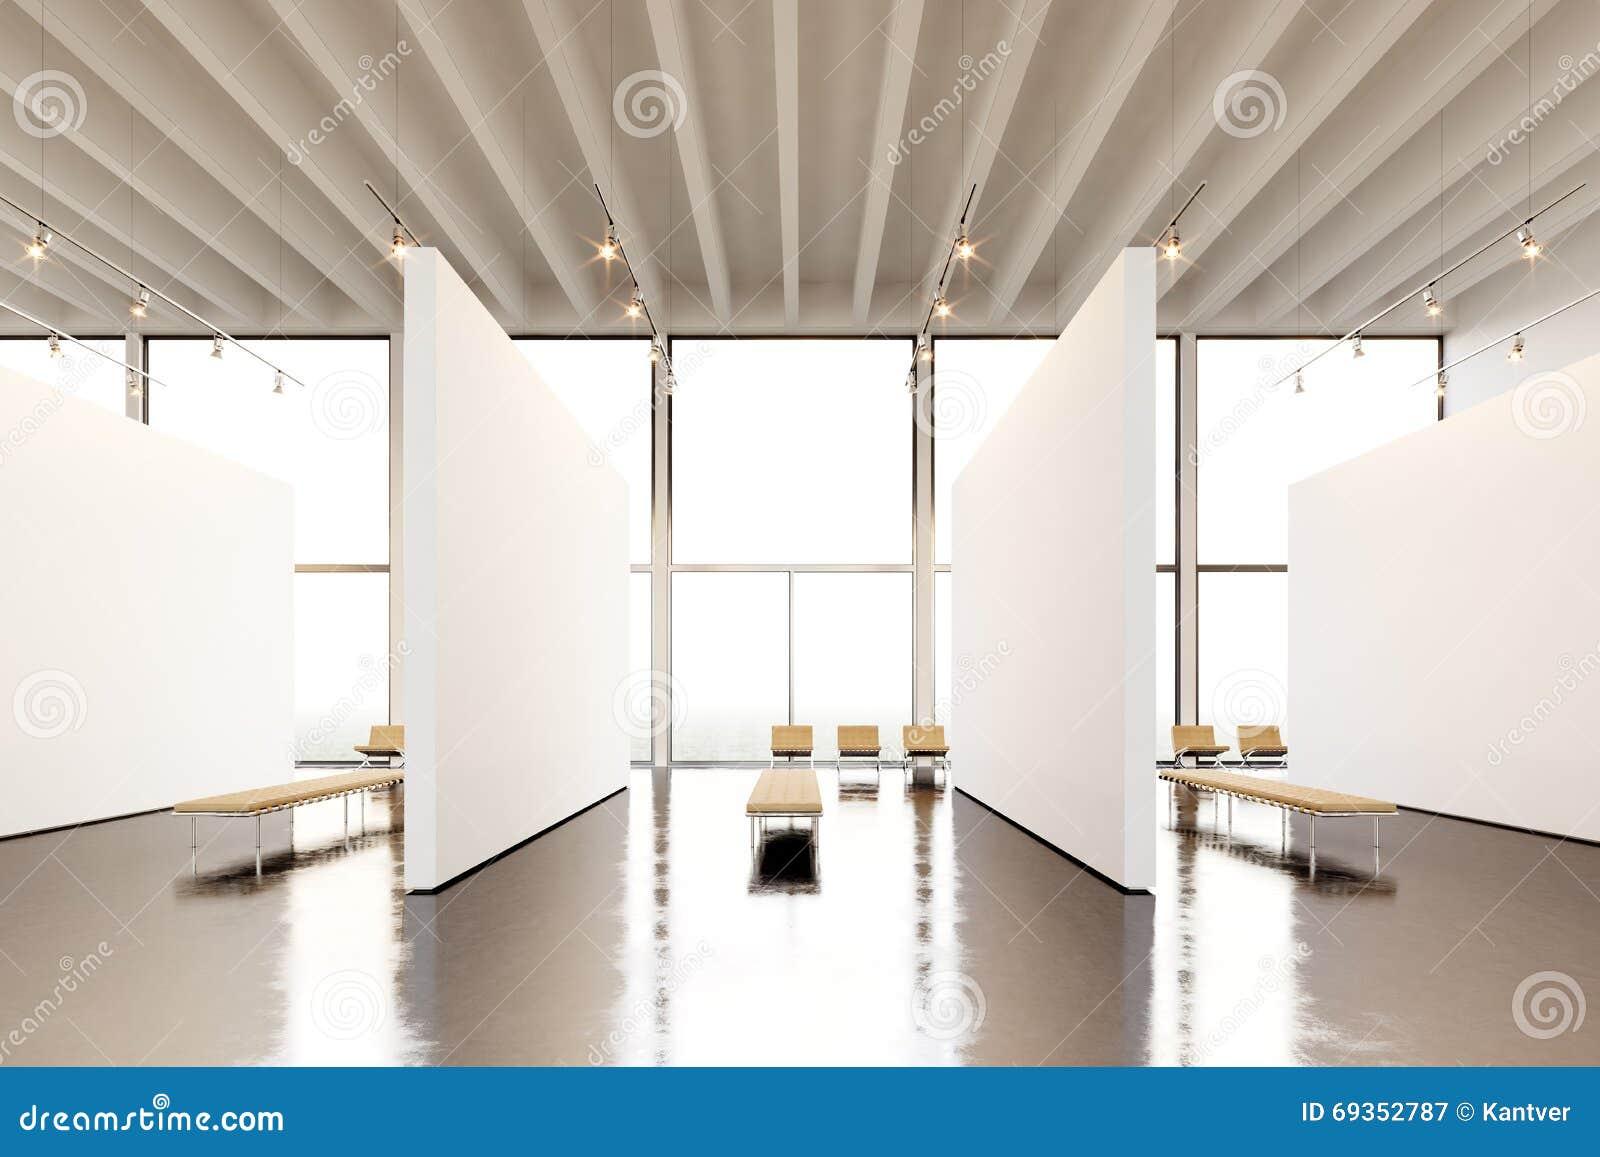 galerie moderne de l espace d exposition de photo toile vide blanche vide accrochant le mus 233 e d